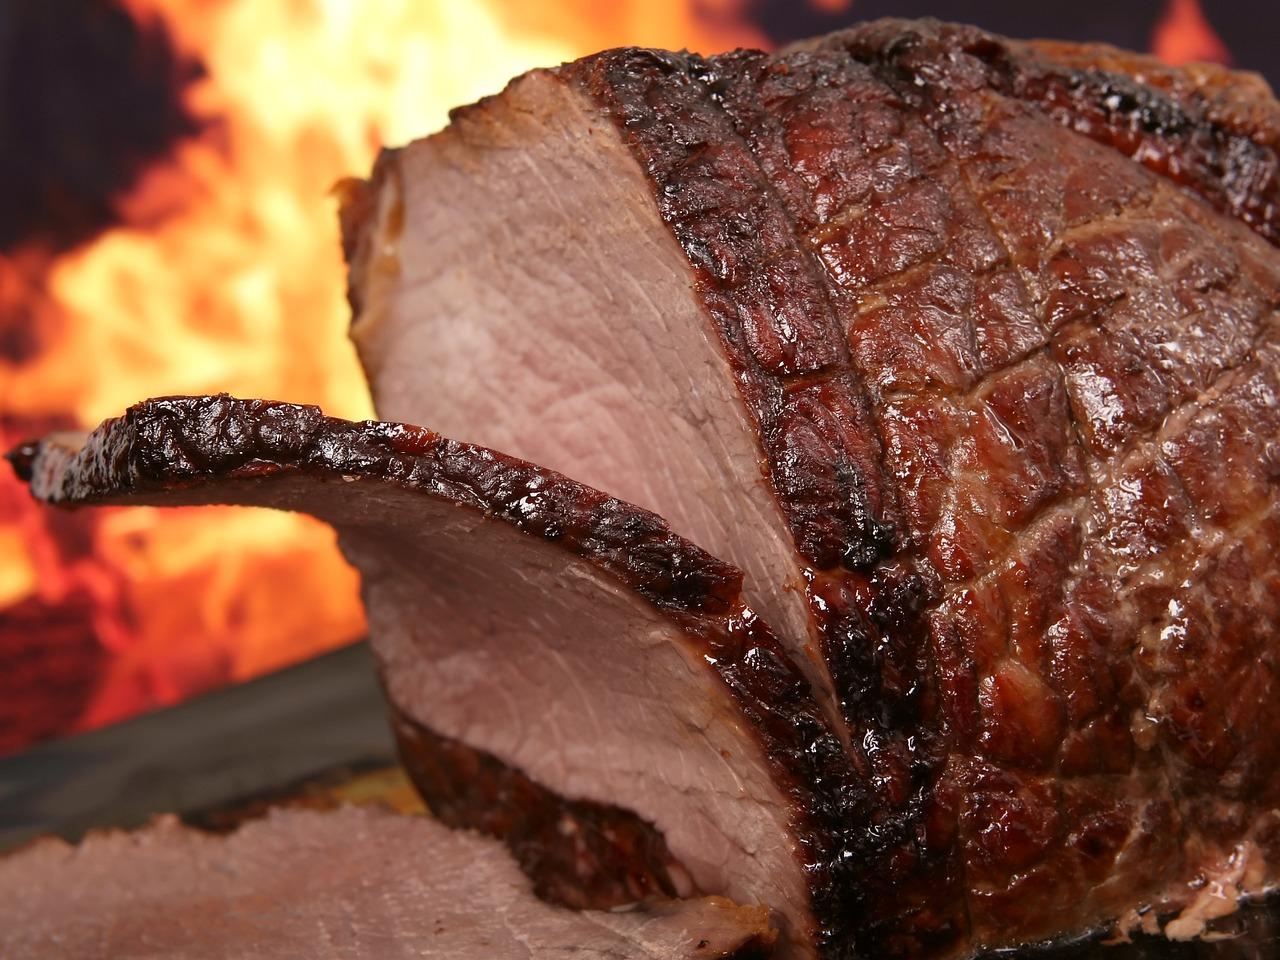 IMAGEM: Consumo de carne vermelha será o menor desde 1996, estima Conab